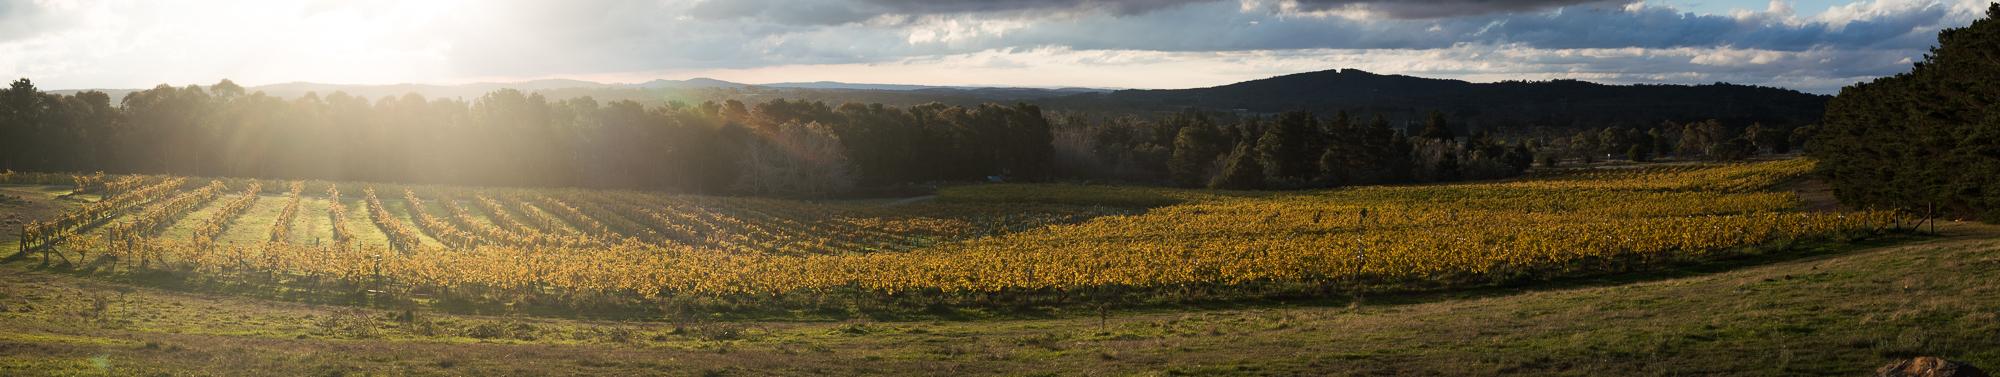 lark-hill-vineyard (002)